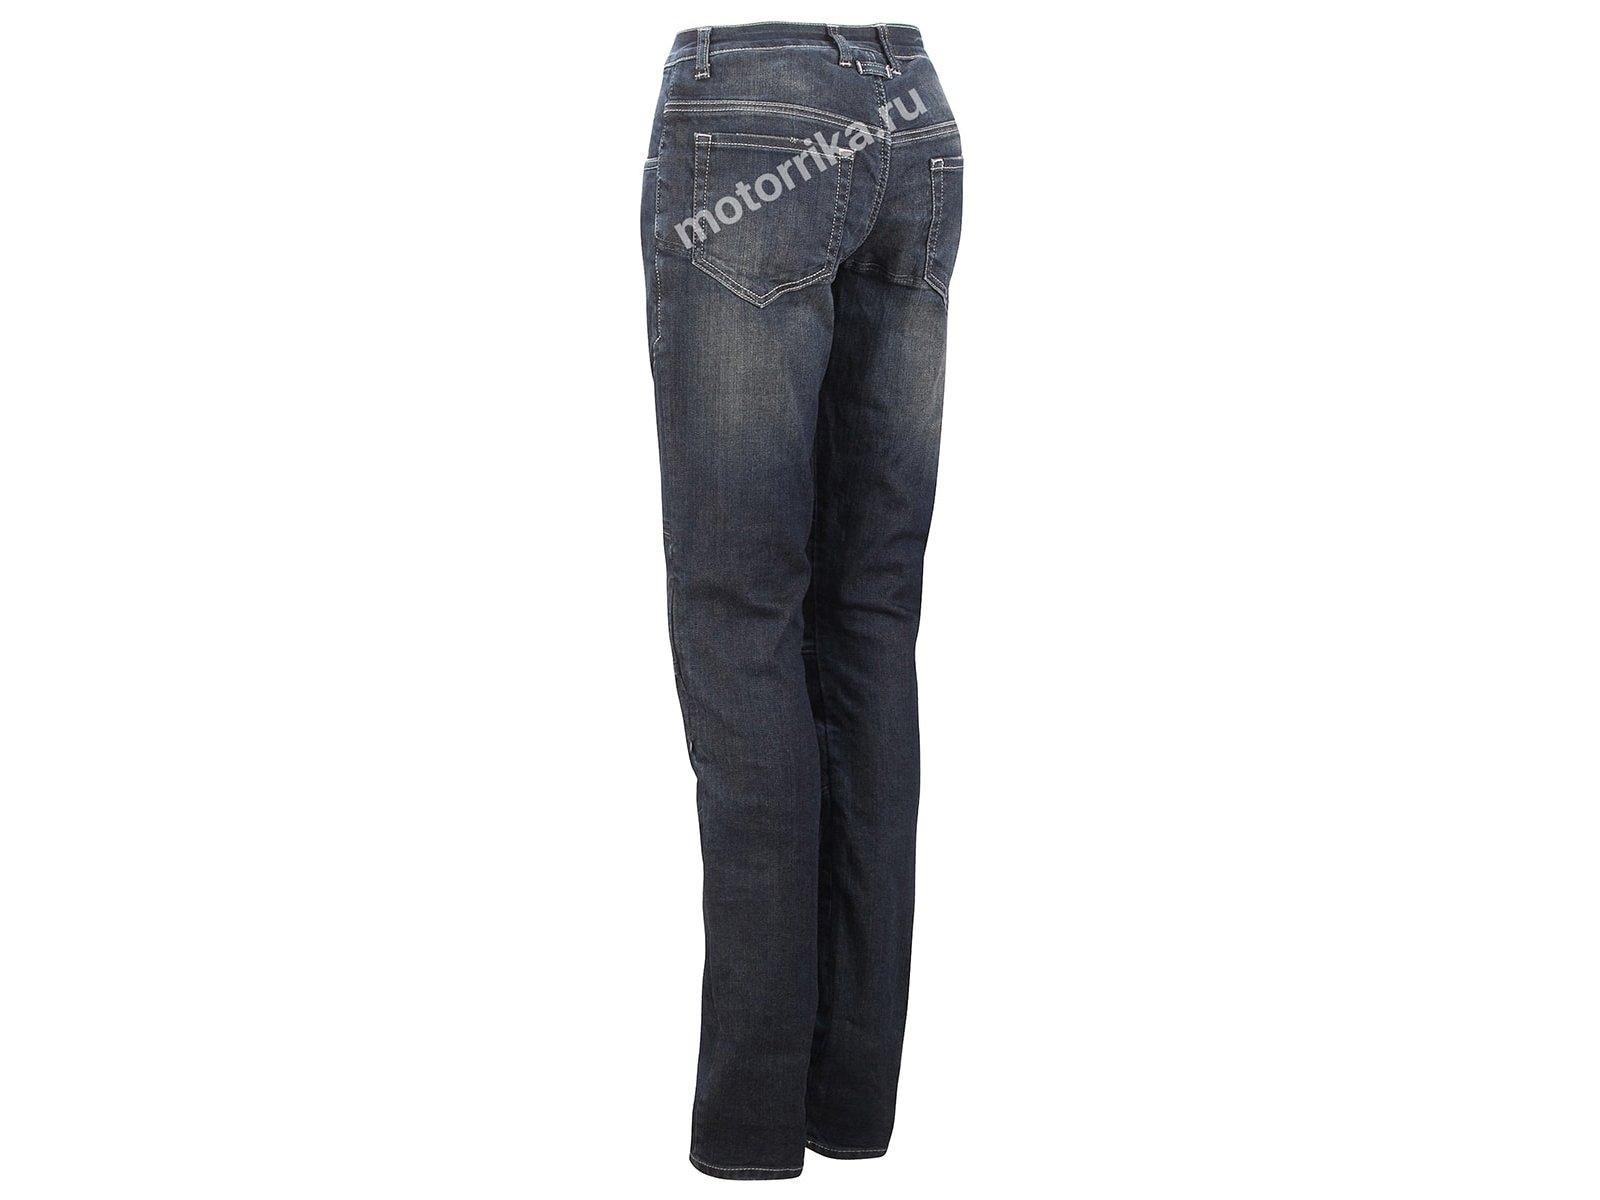 Мотоджинсы женские Promo Jeans Florida Dark